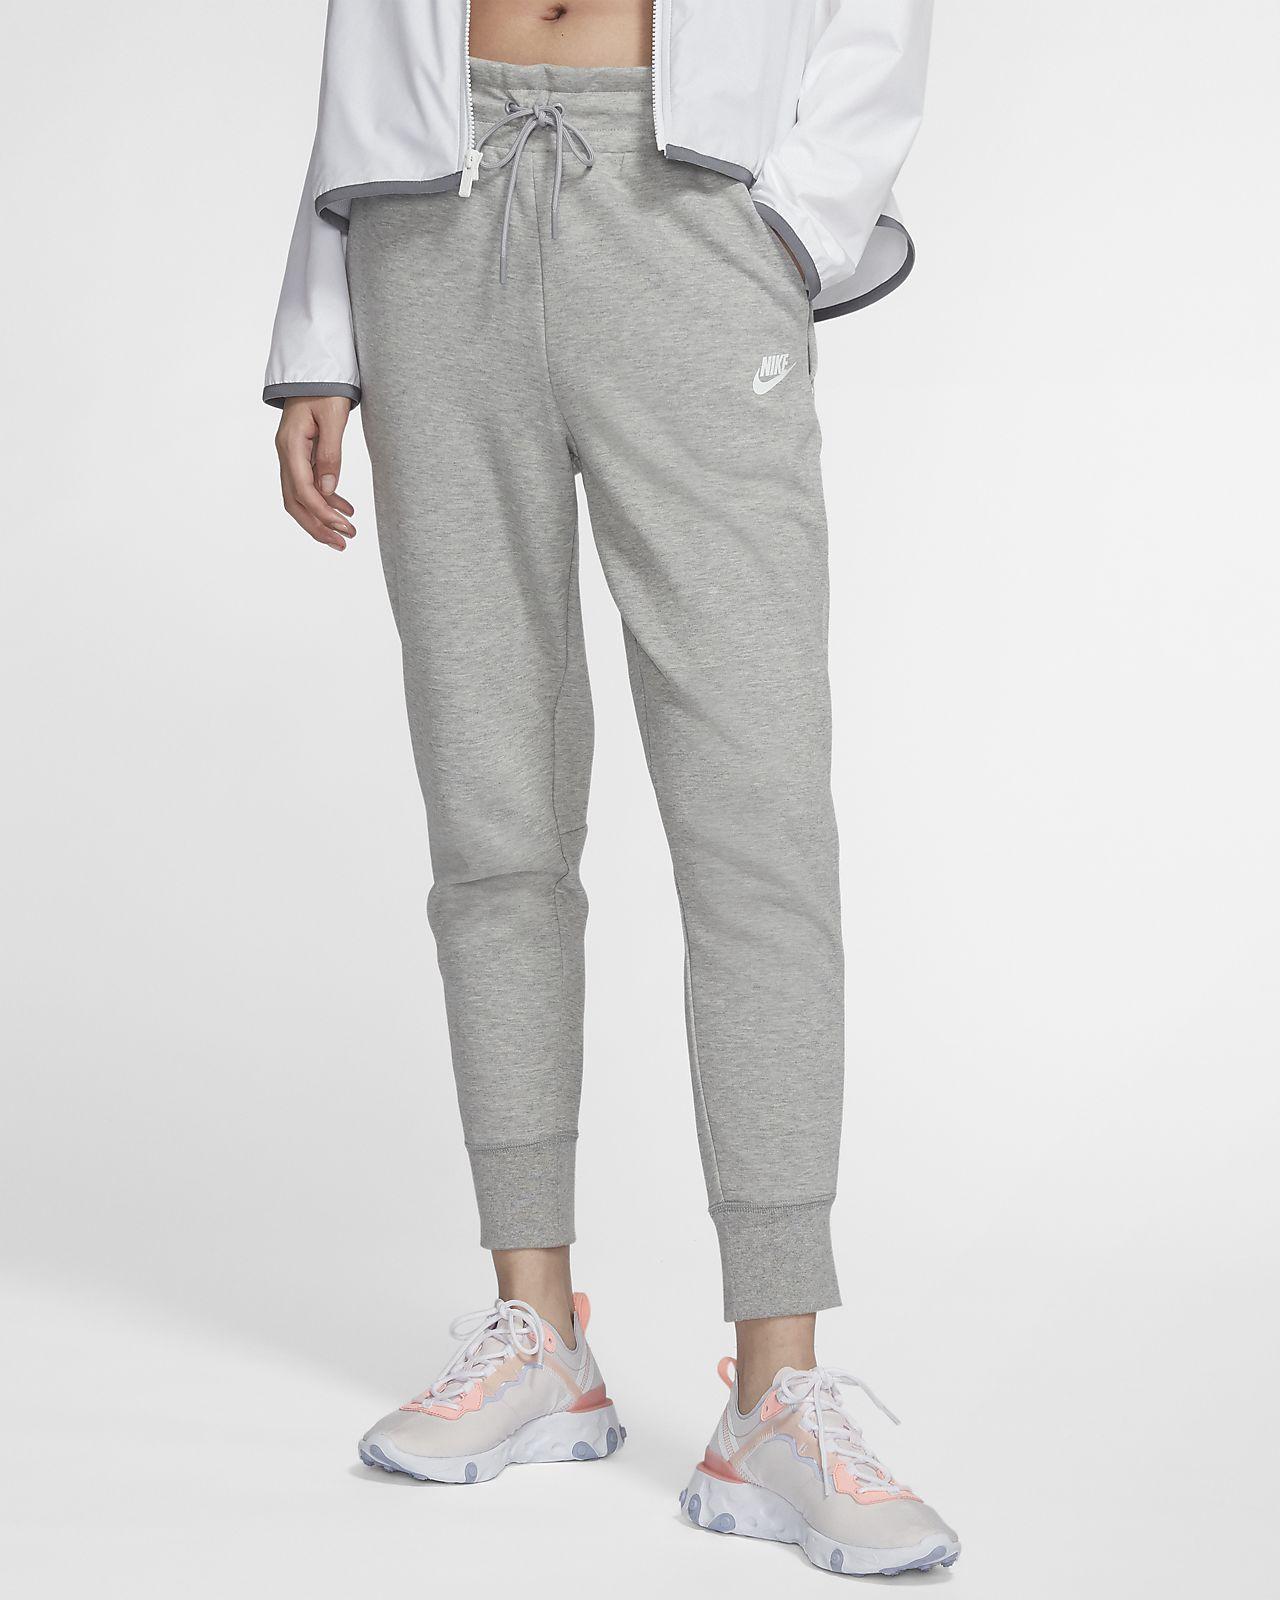 Nike Sportswear Tech Fleece 女子长裤